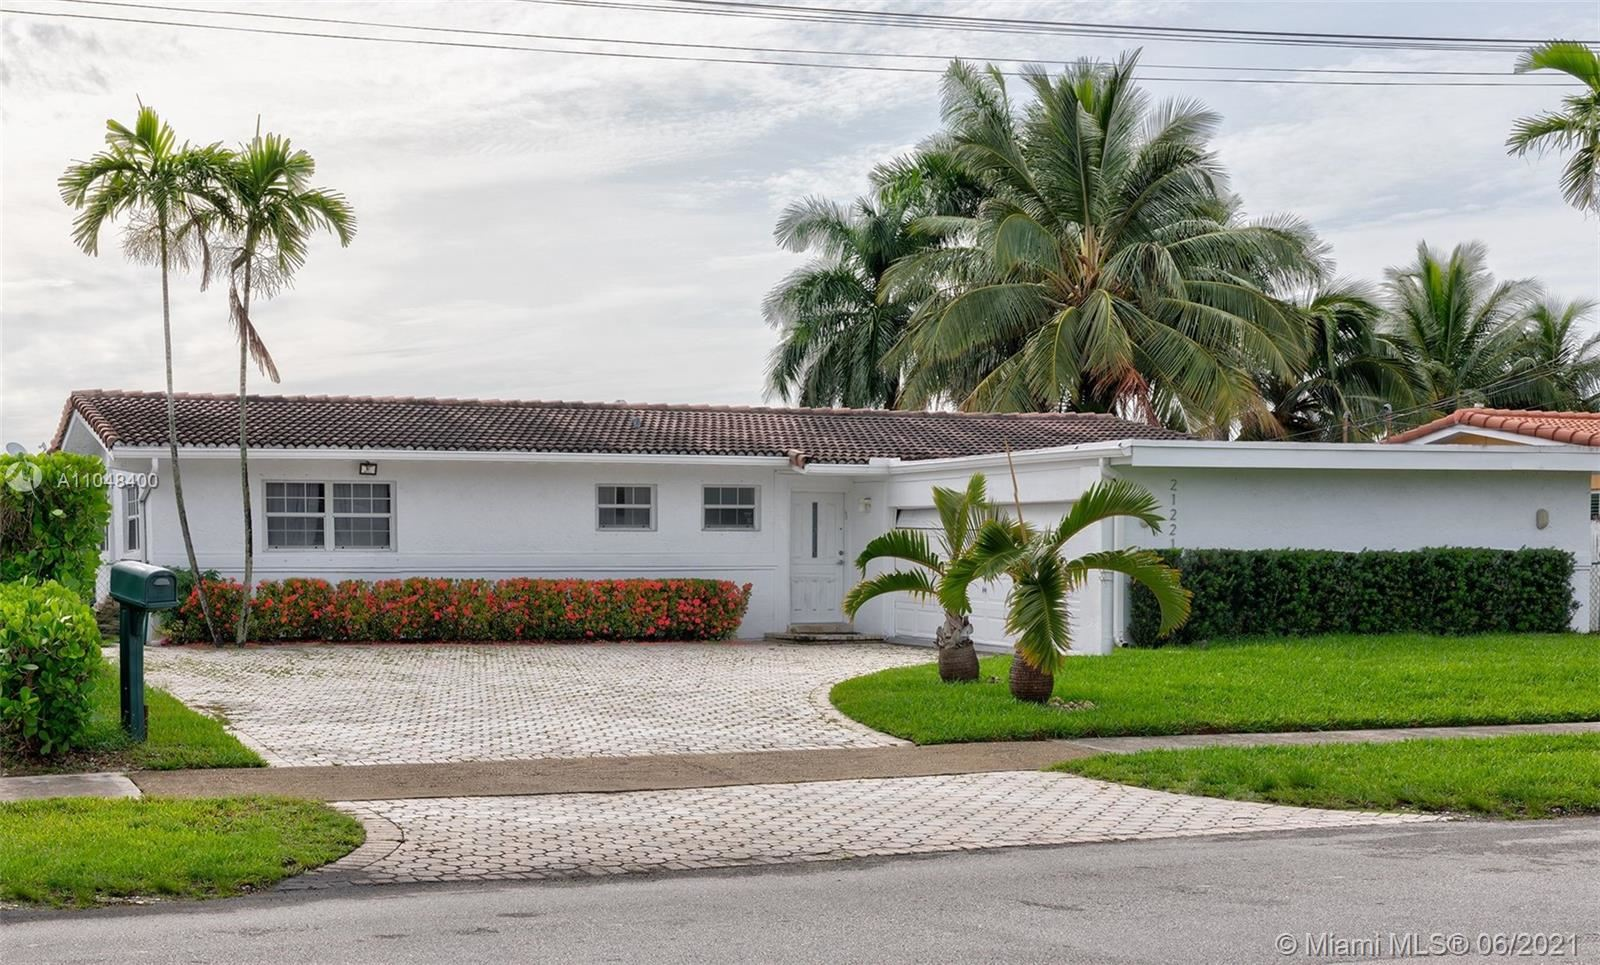 21221 NE 24th Ct, Miami, FL 33180 - #: A11048400